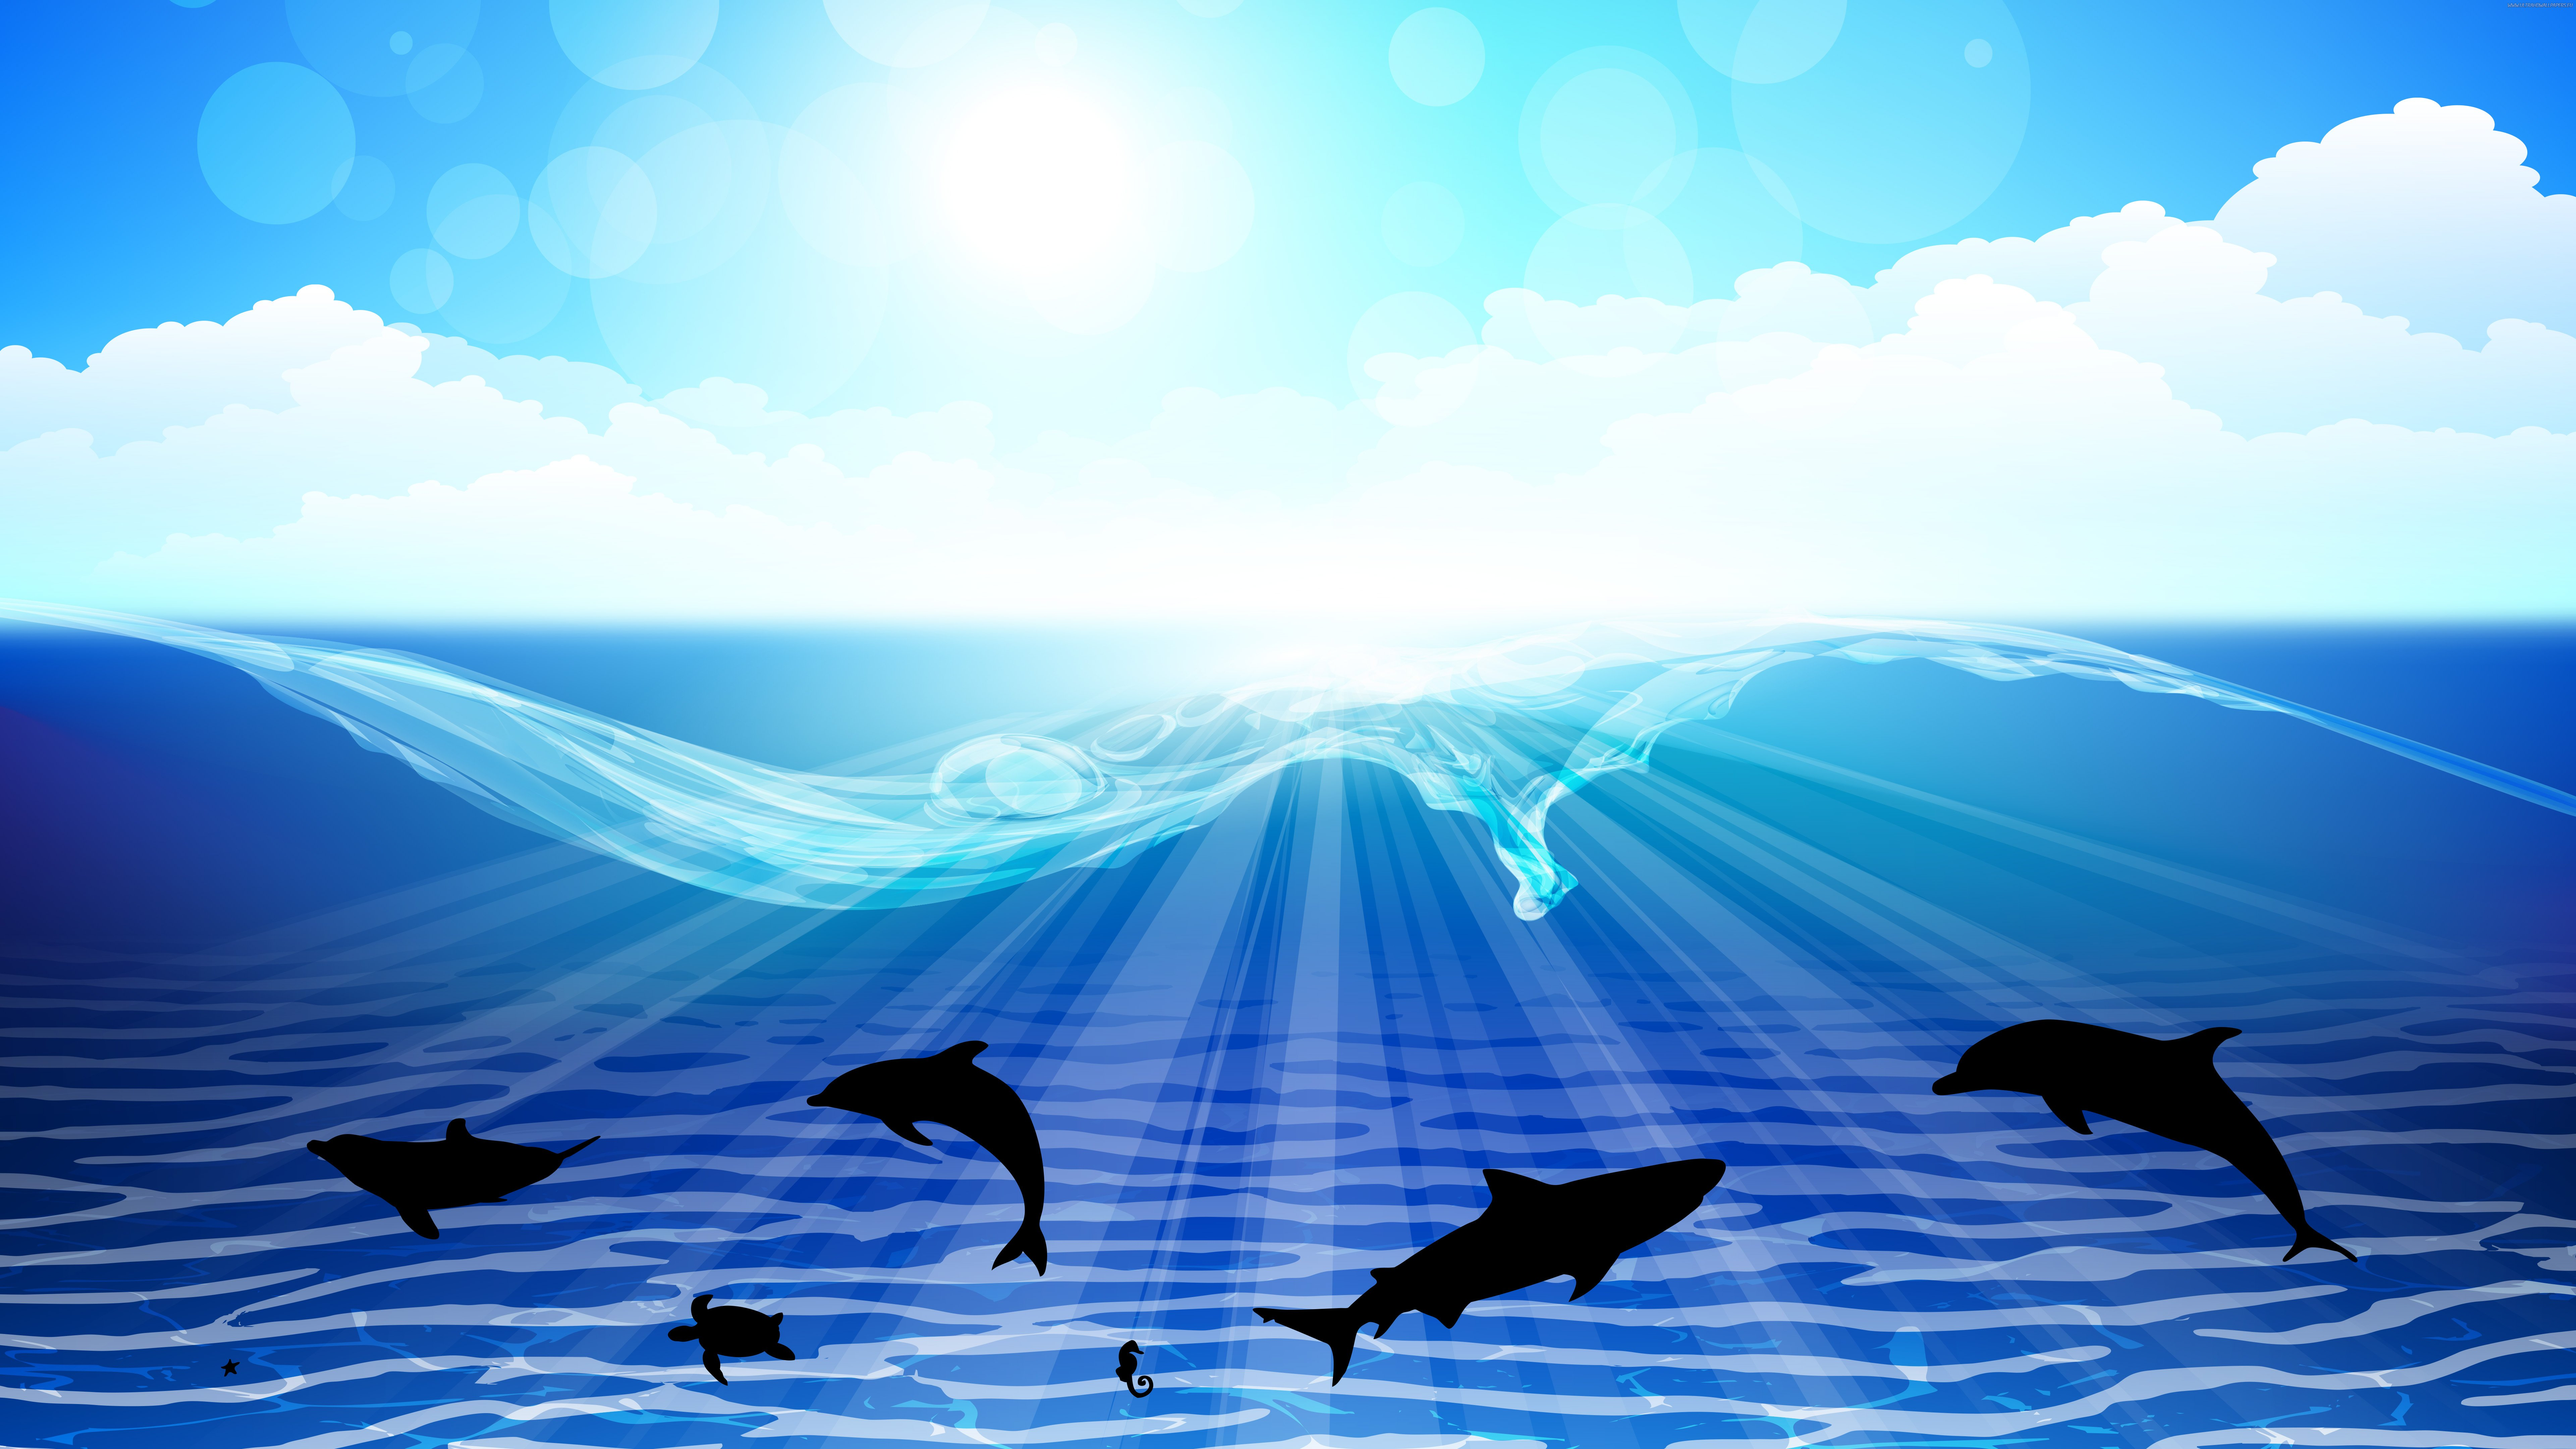 sea dolphin Ultra HD wallpapers 8K 7680x4320 4K 3840x2160 7680x4320